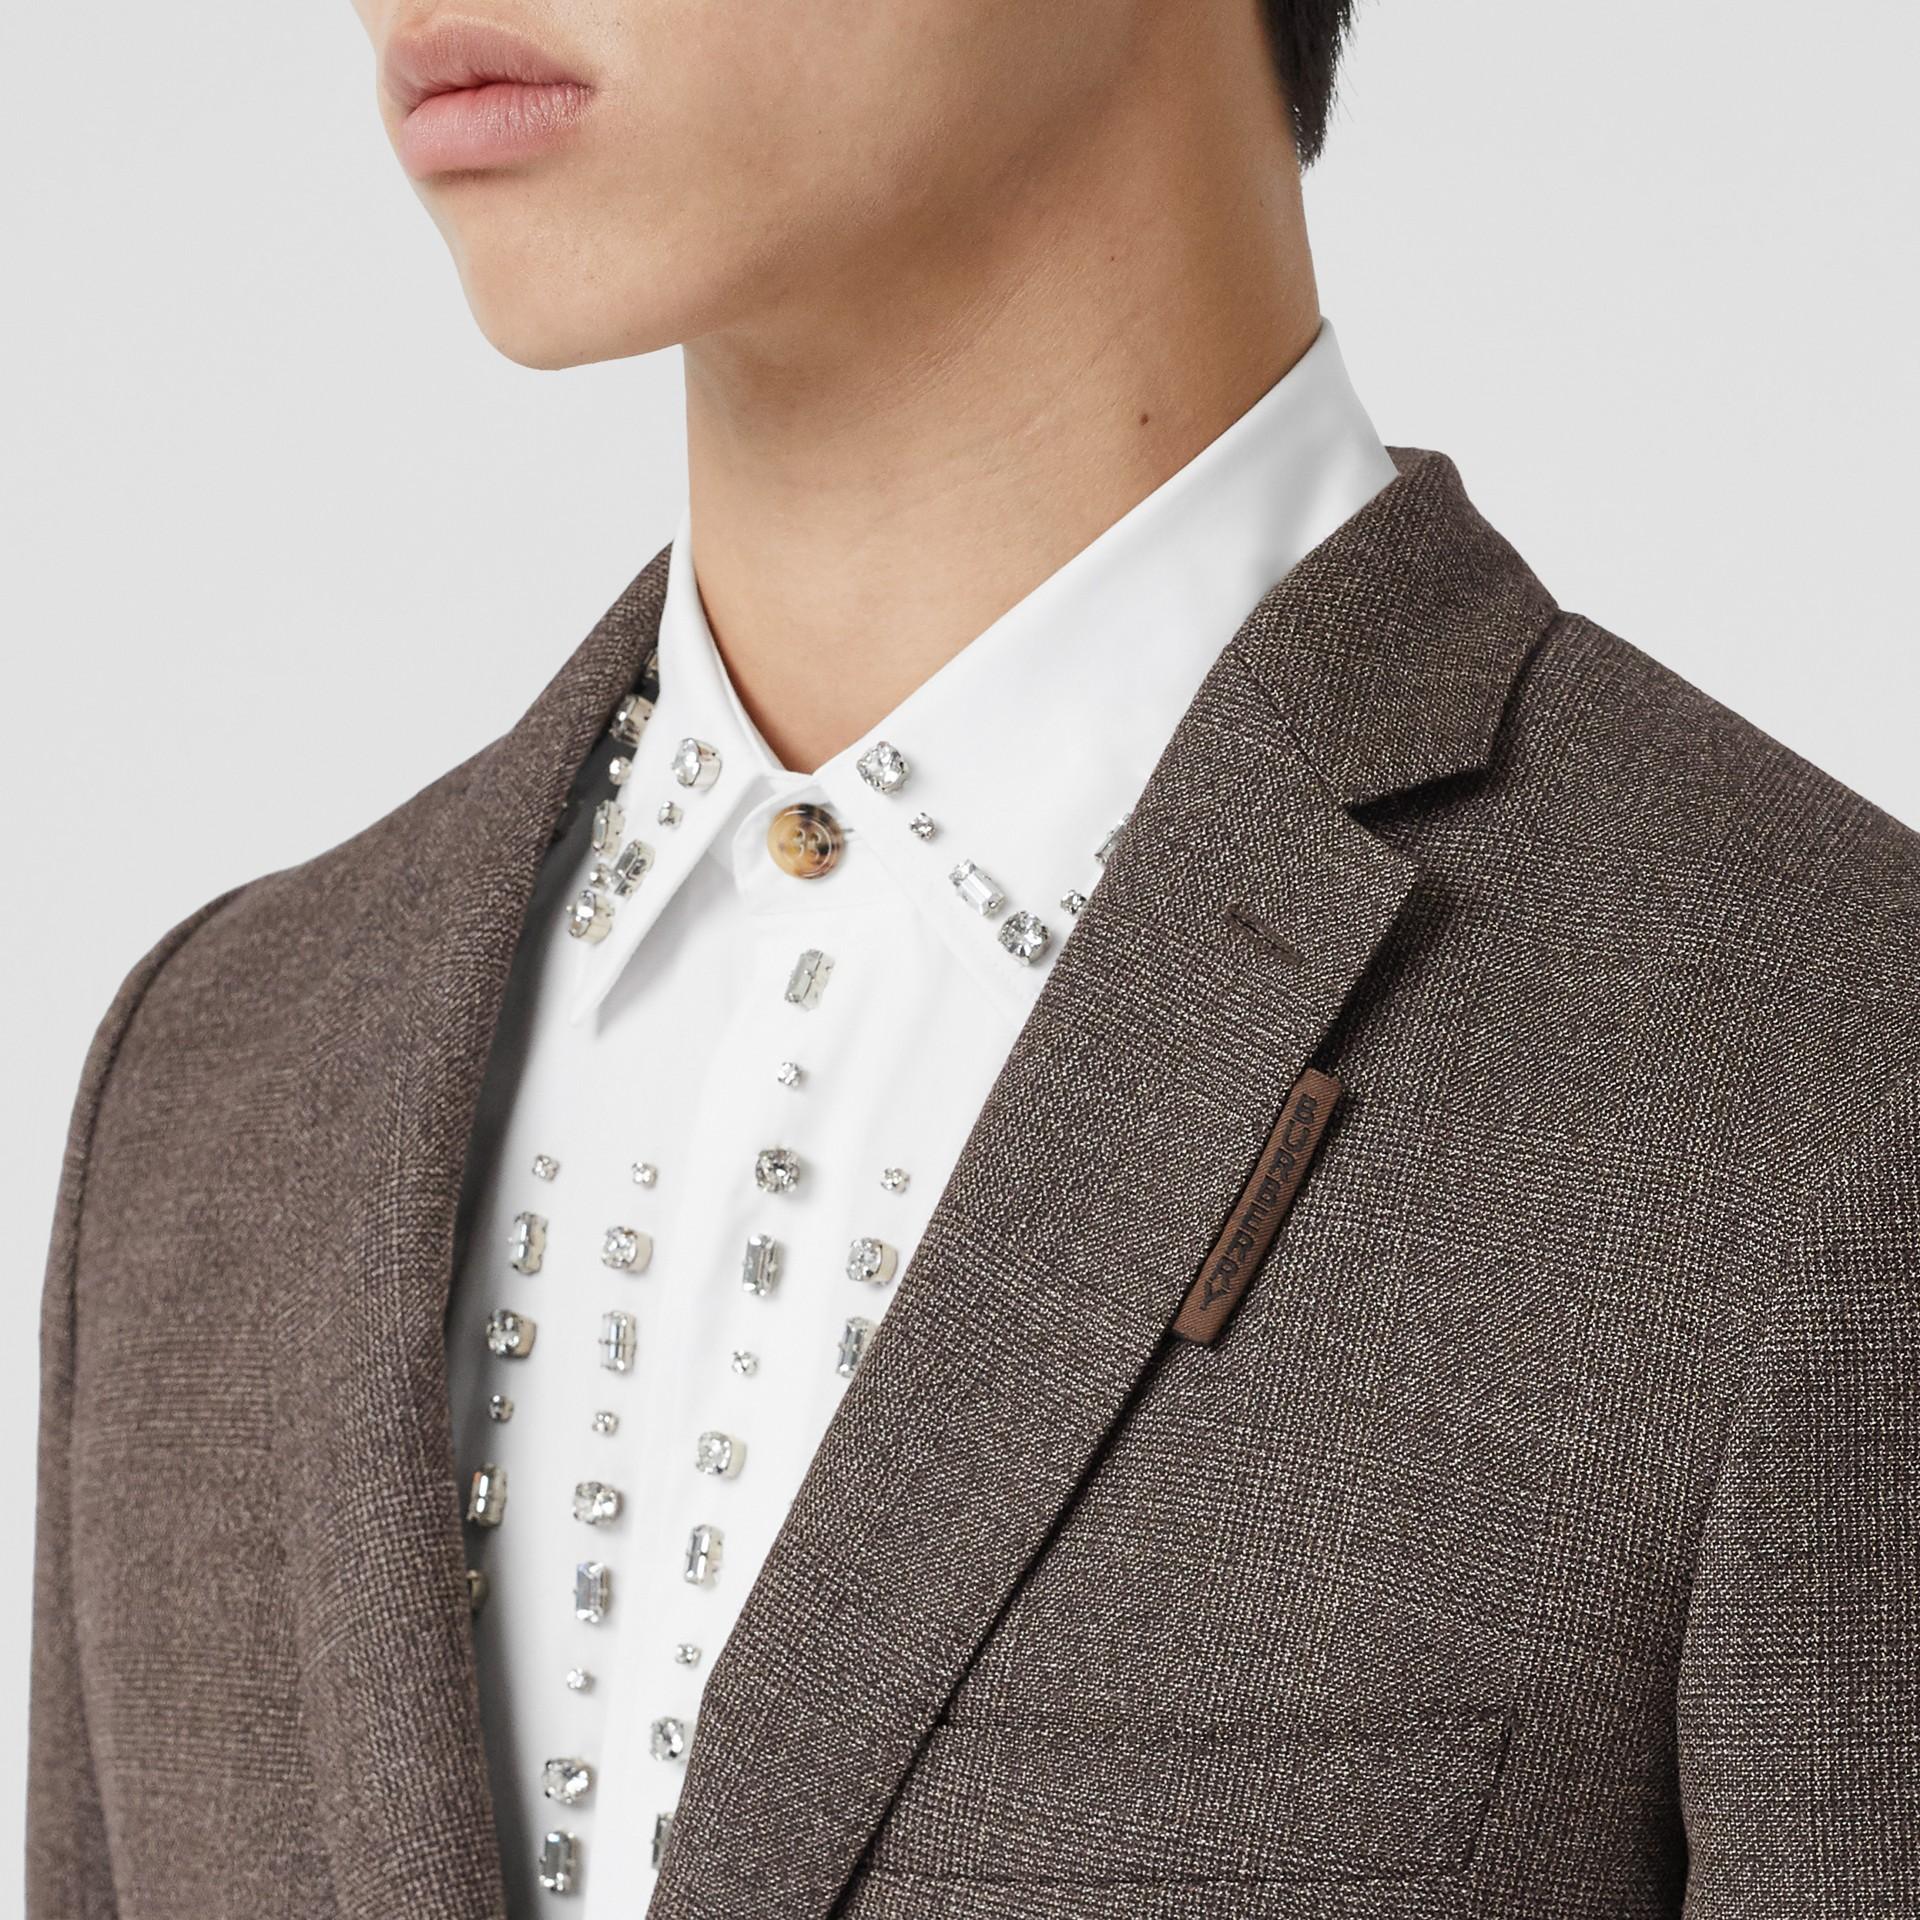 Slim Fit Wool Suit in Dark Brown - Men | Burberry - gallery image 1